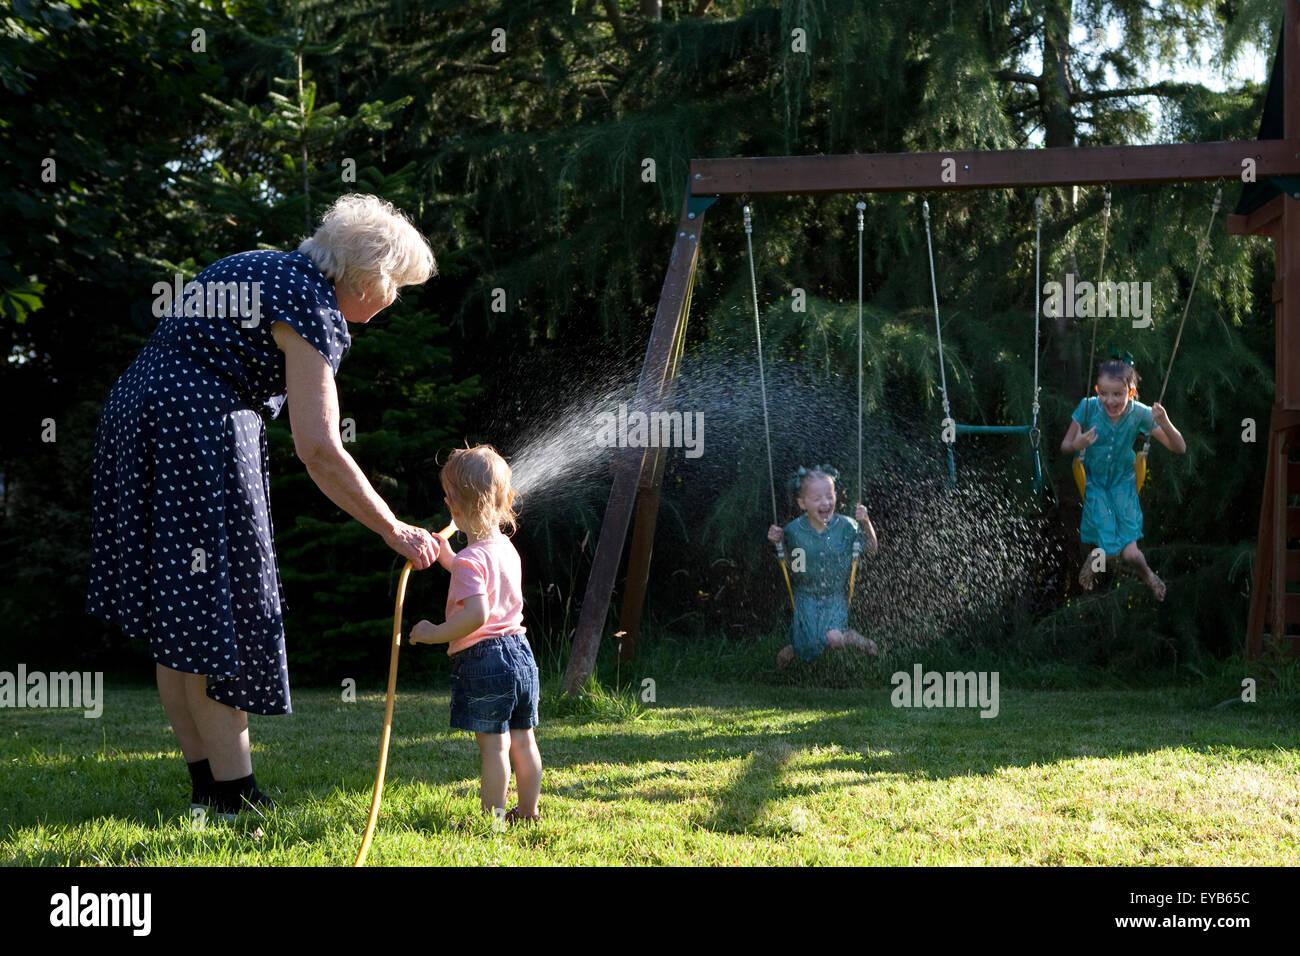 Famiglia giocare in giardino con tubo flessibile per acqua in estate. Immagini Stock